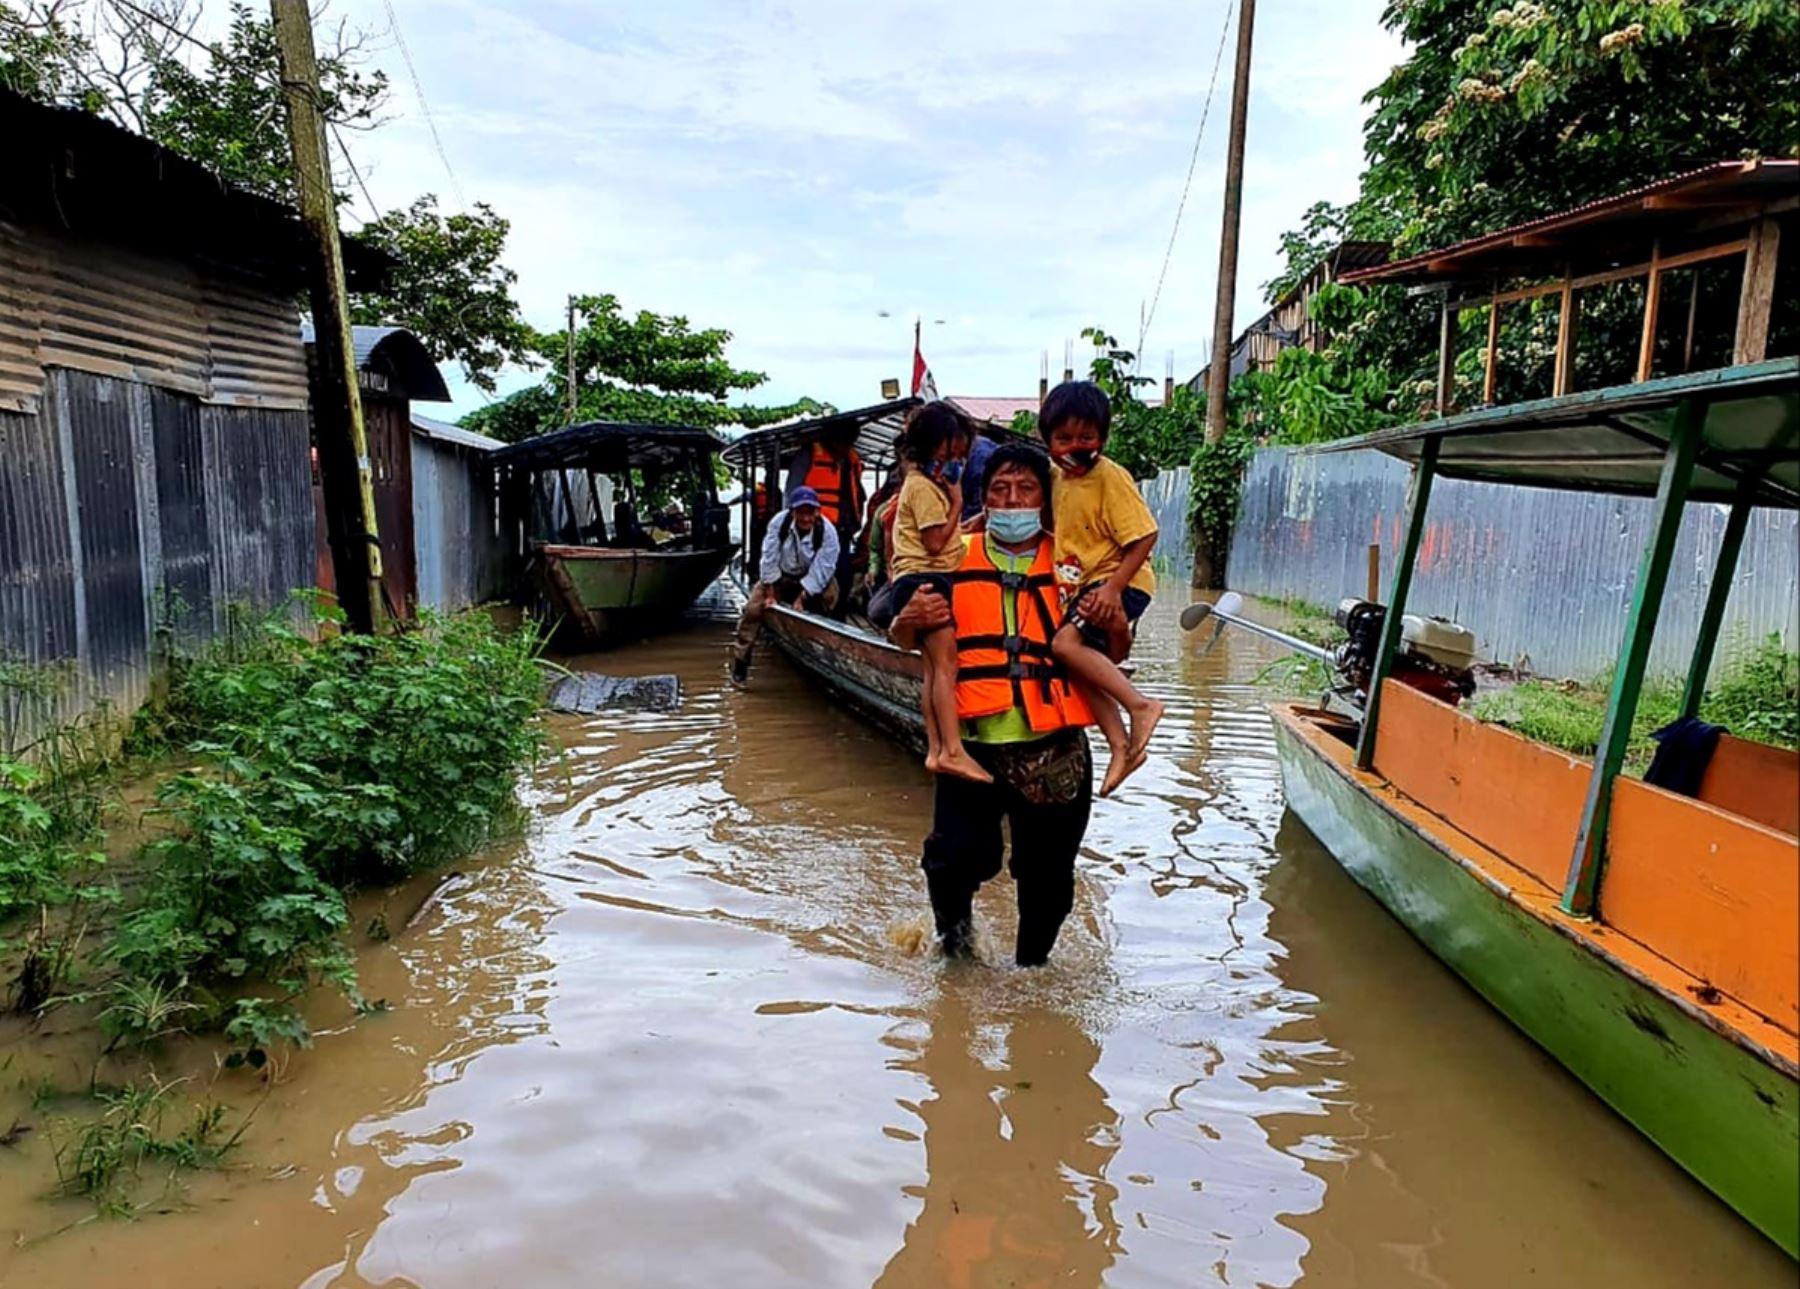 gobierno-declara-estado-de-emergencia-en-madre-de-dios-por-fuertes-lluvias